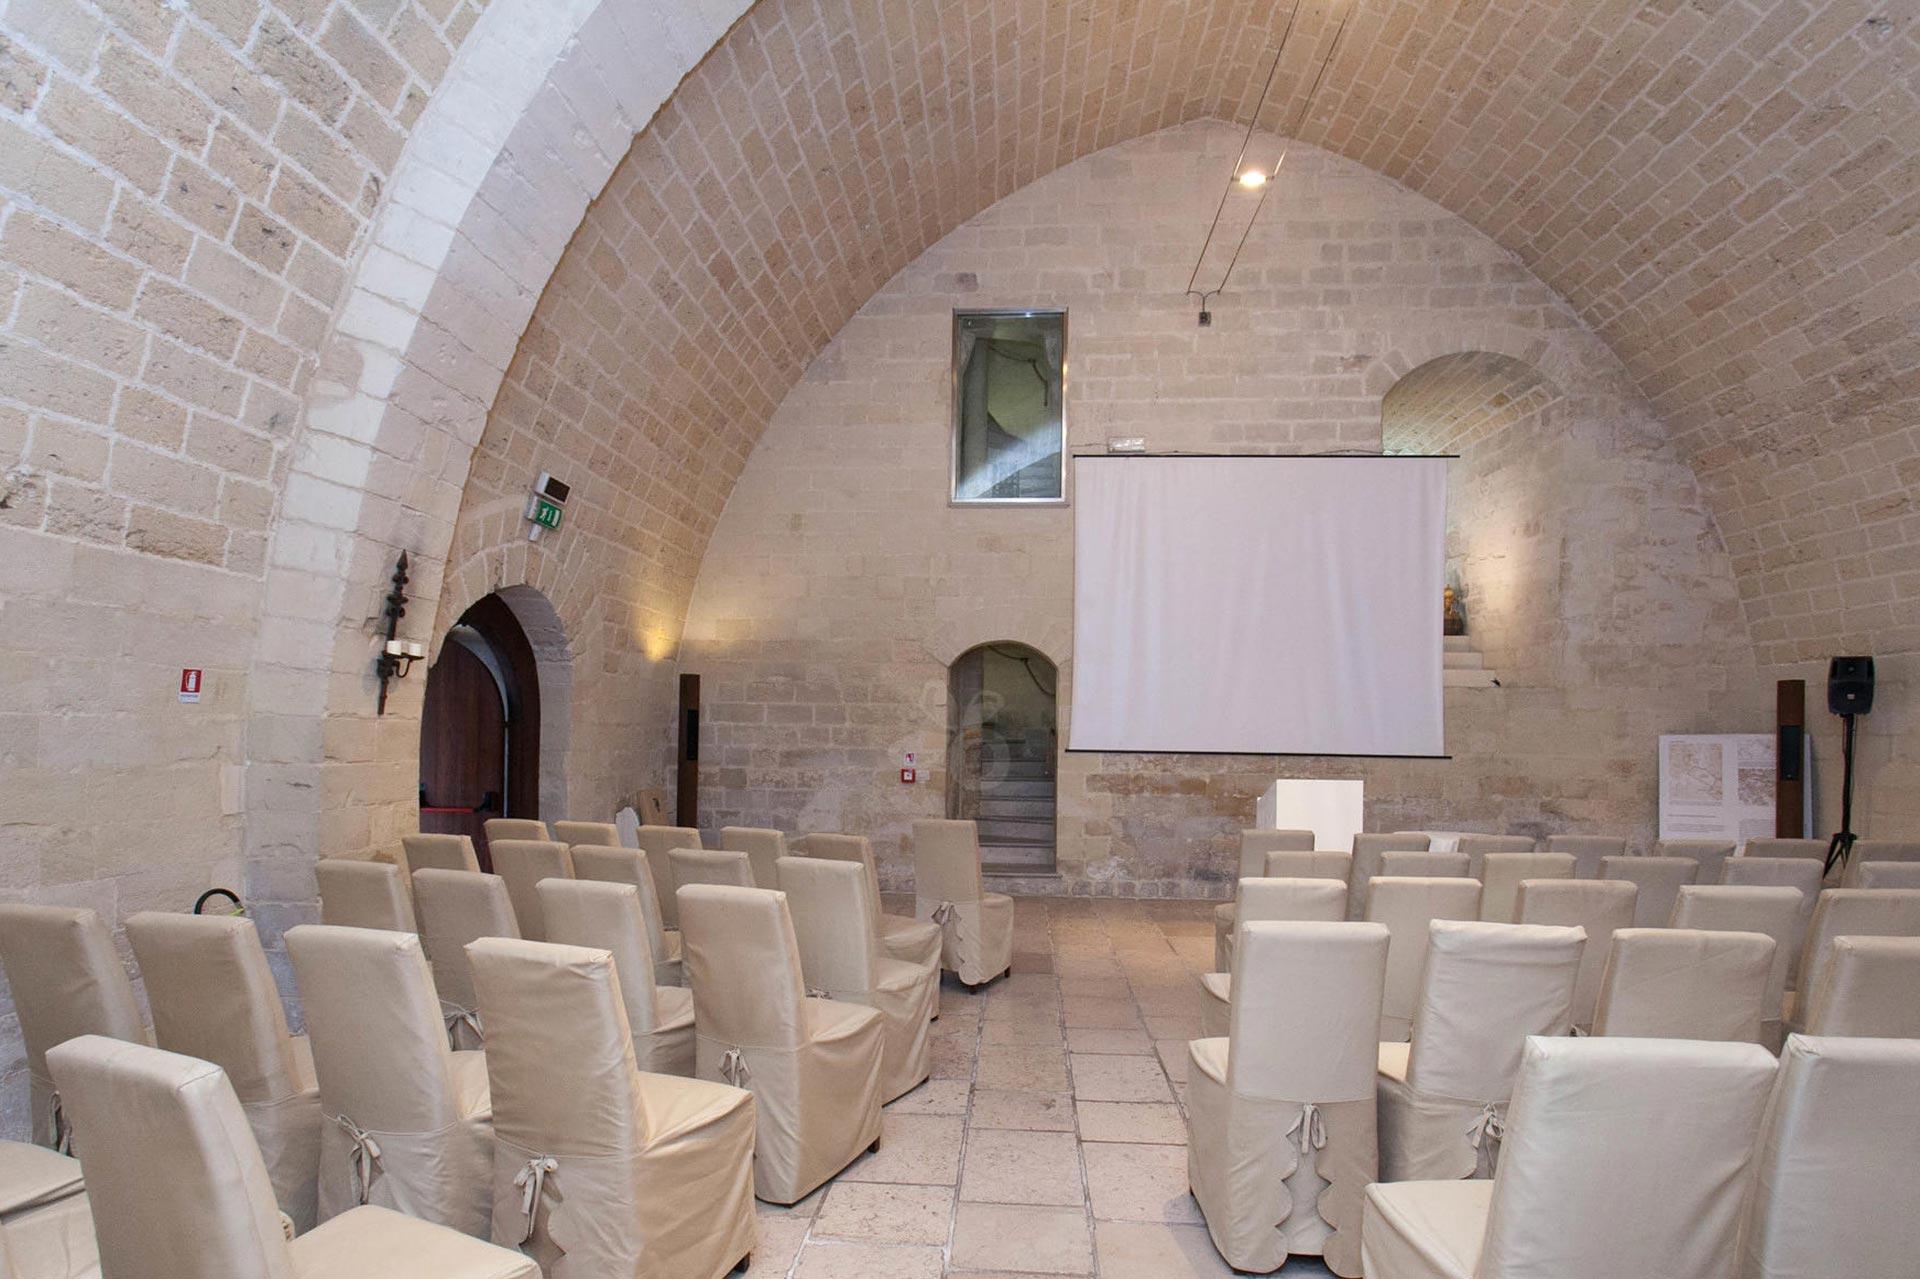 Sala delle Prigioni - Hotel Torre Del Parco